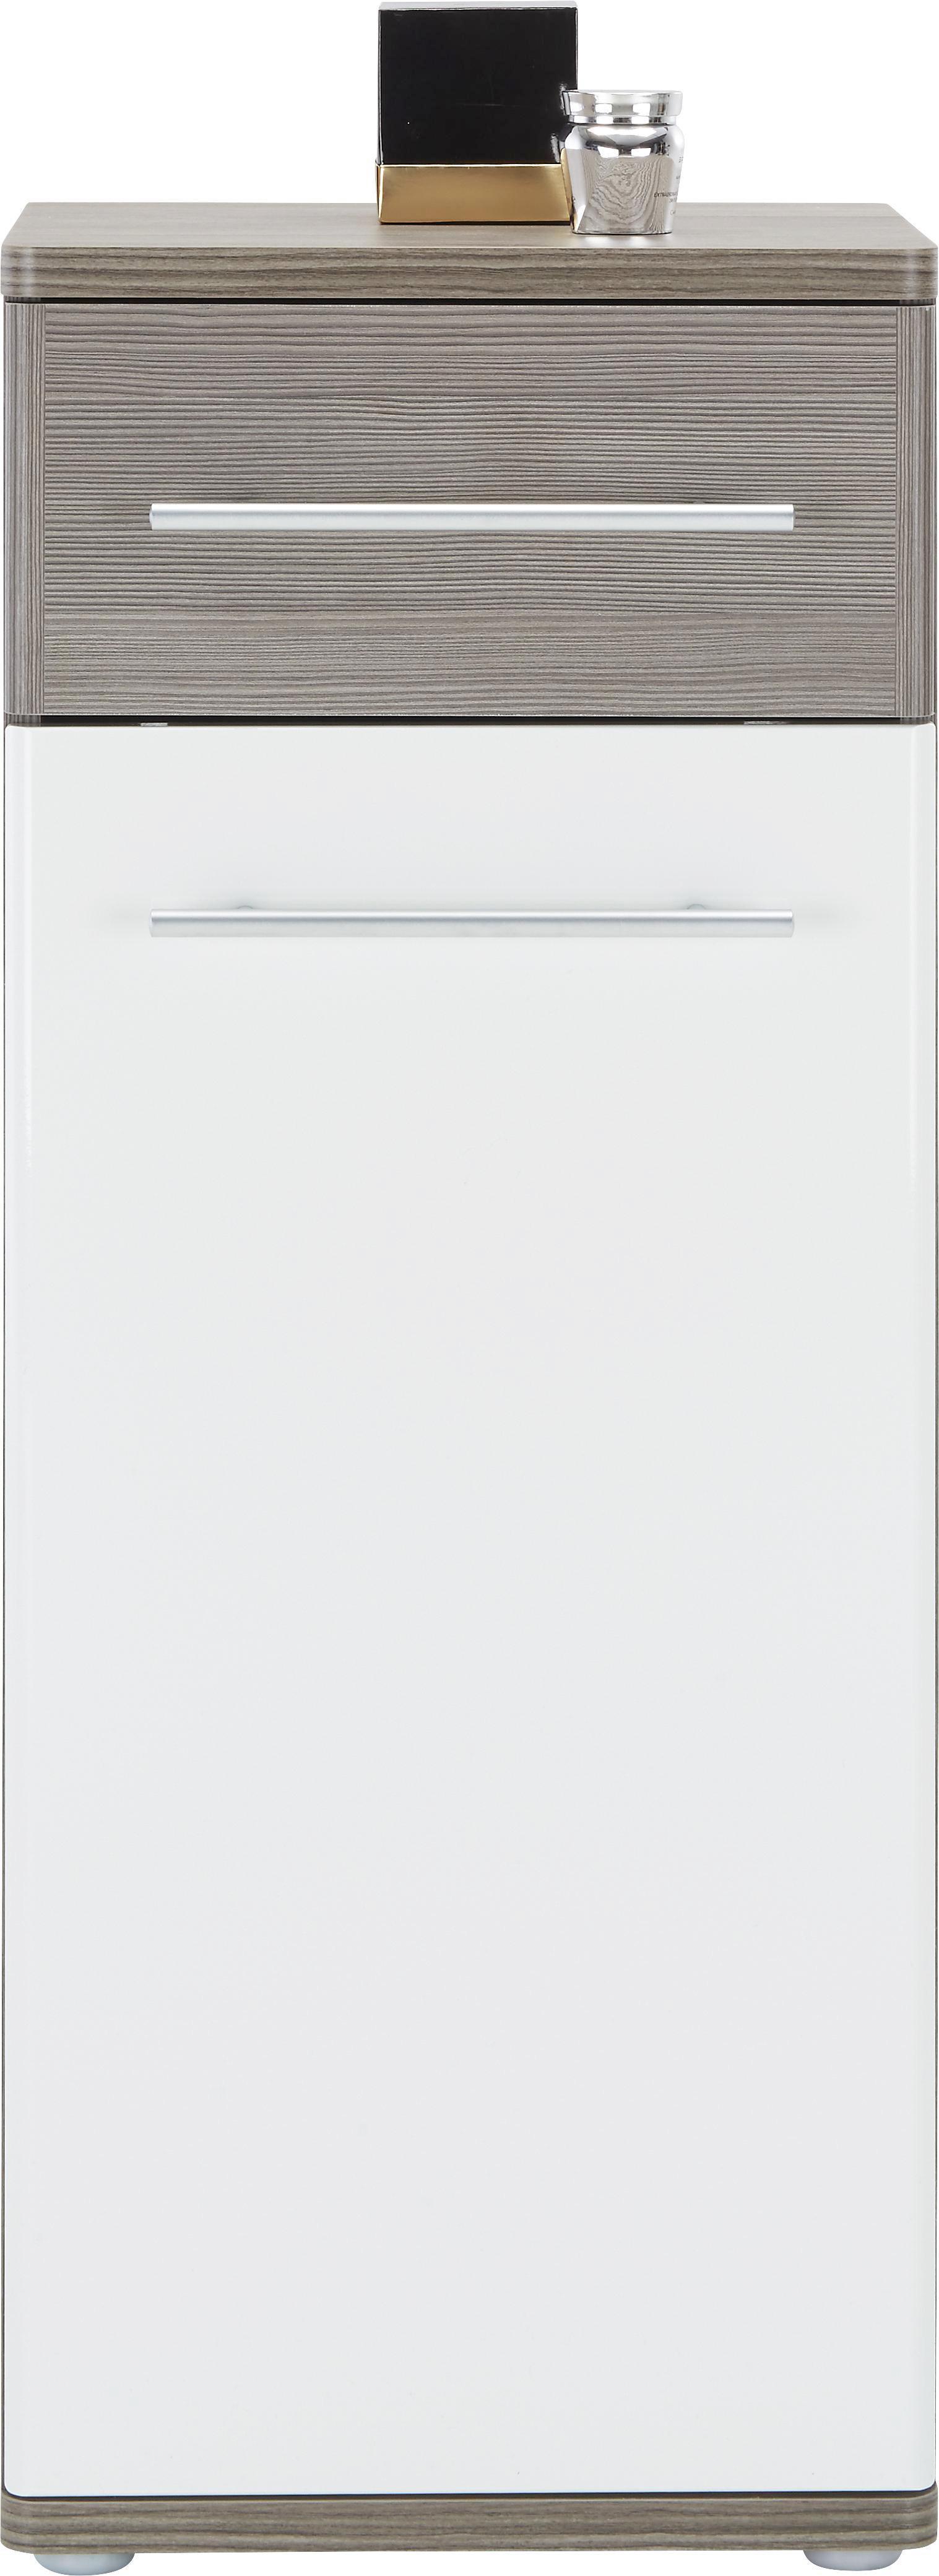 Unterschrank in Braun/Weiß - Dunkelbraun/Alufarben, KONVENTIONELL, Holzwerkstoff/Kunststoff (40/99/35cm) - PREMIUM LIVING